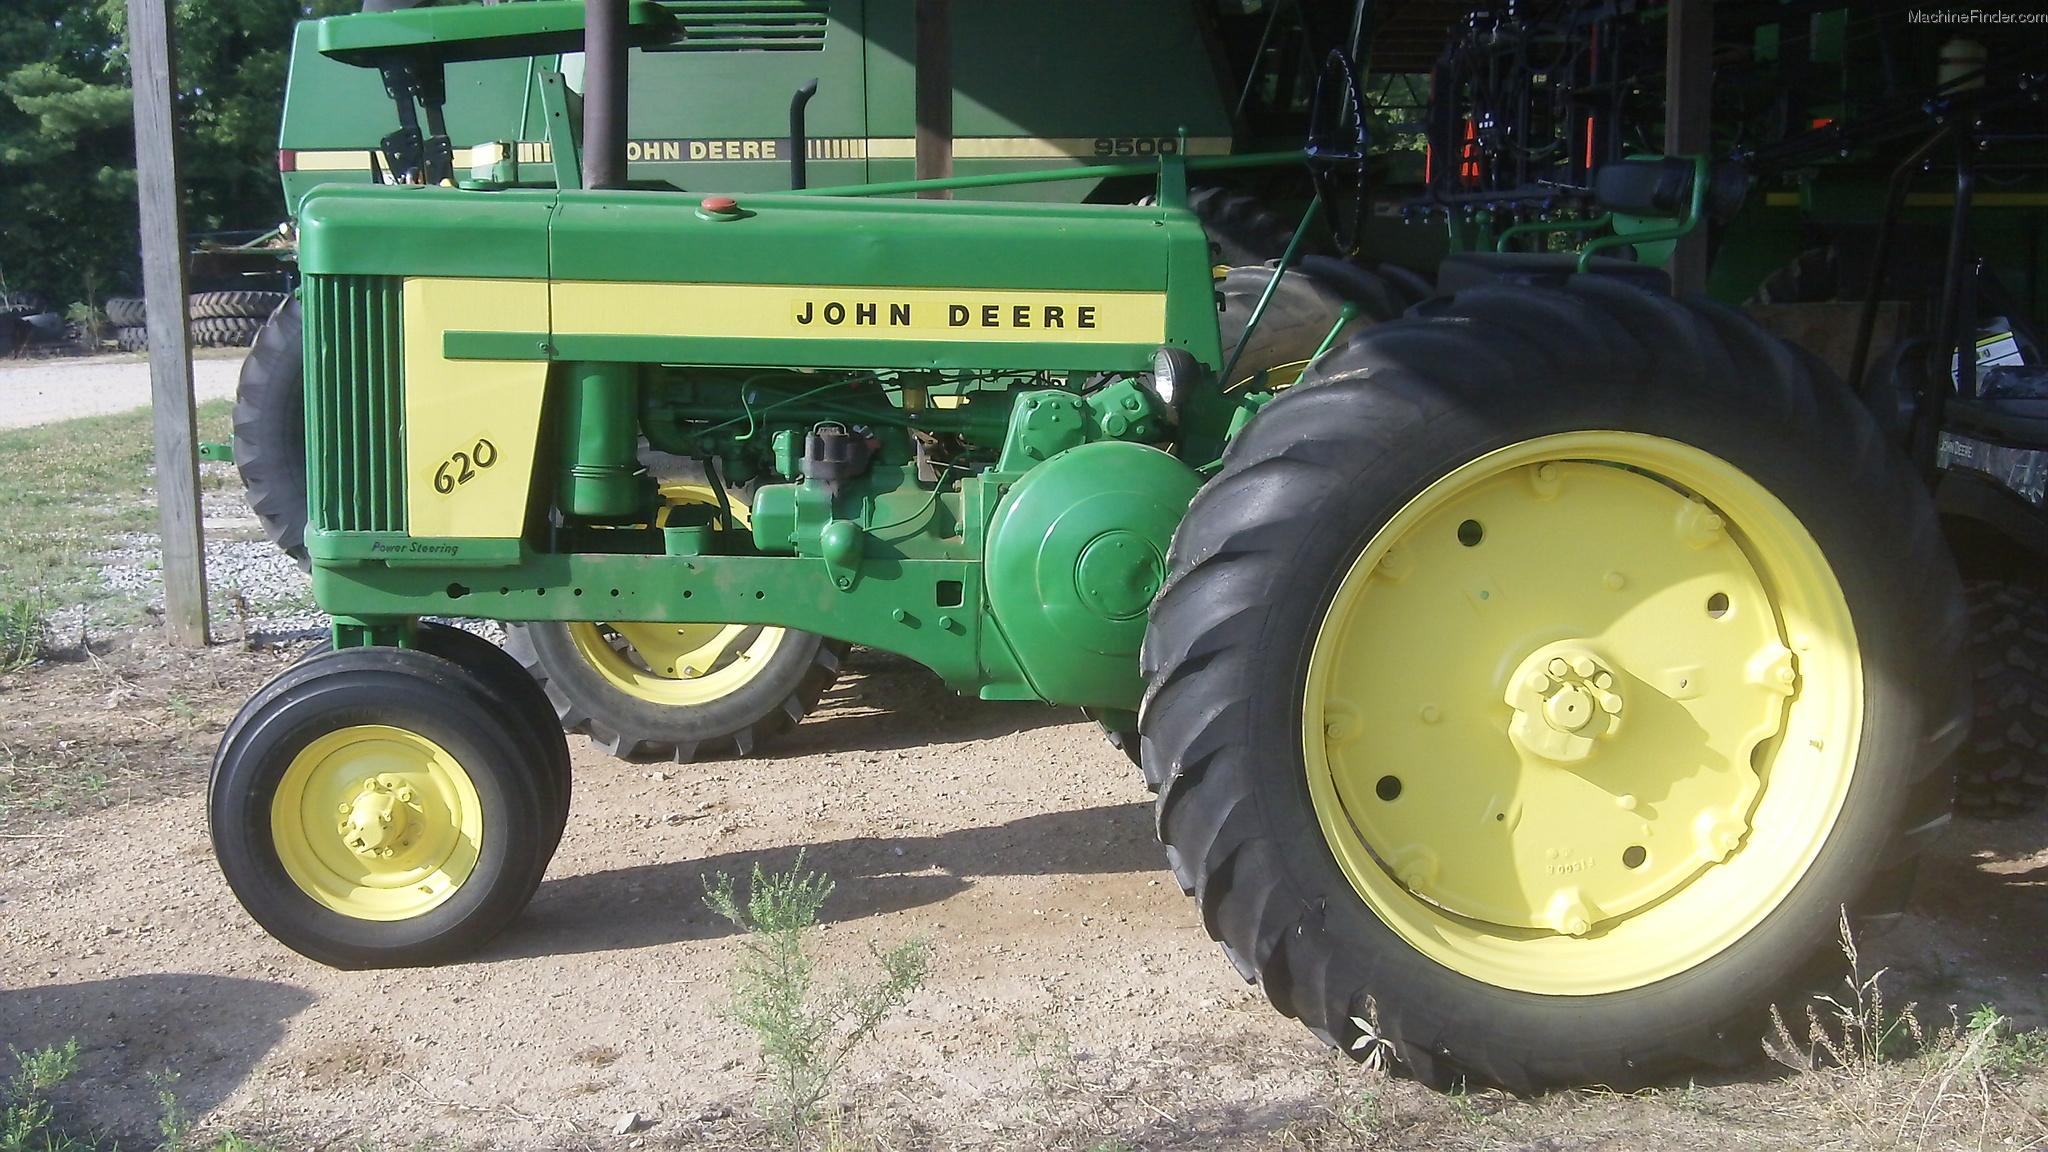 John Deere 620 Tractors - Utility (40-100hp) - John Deere ...